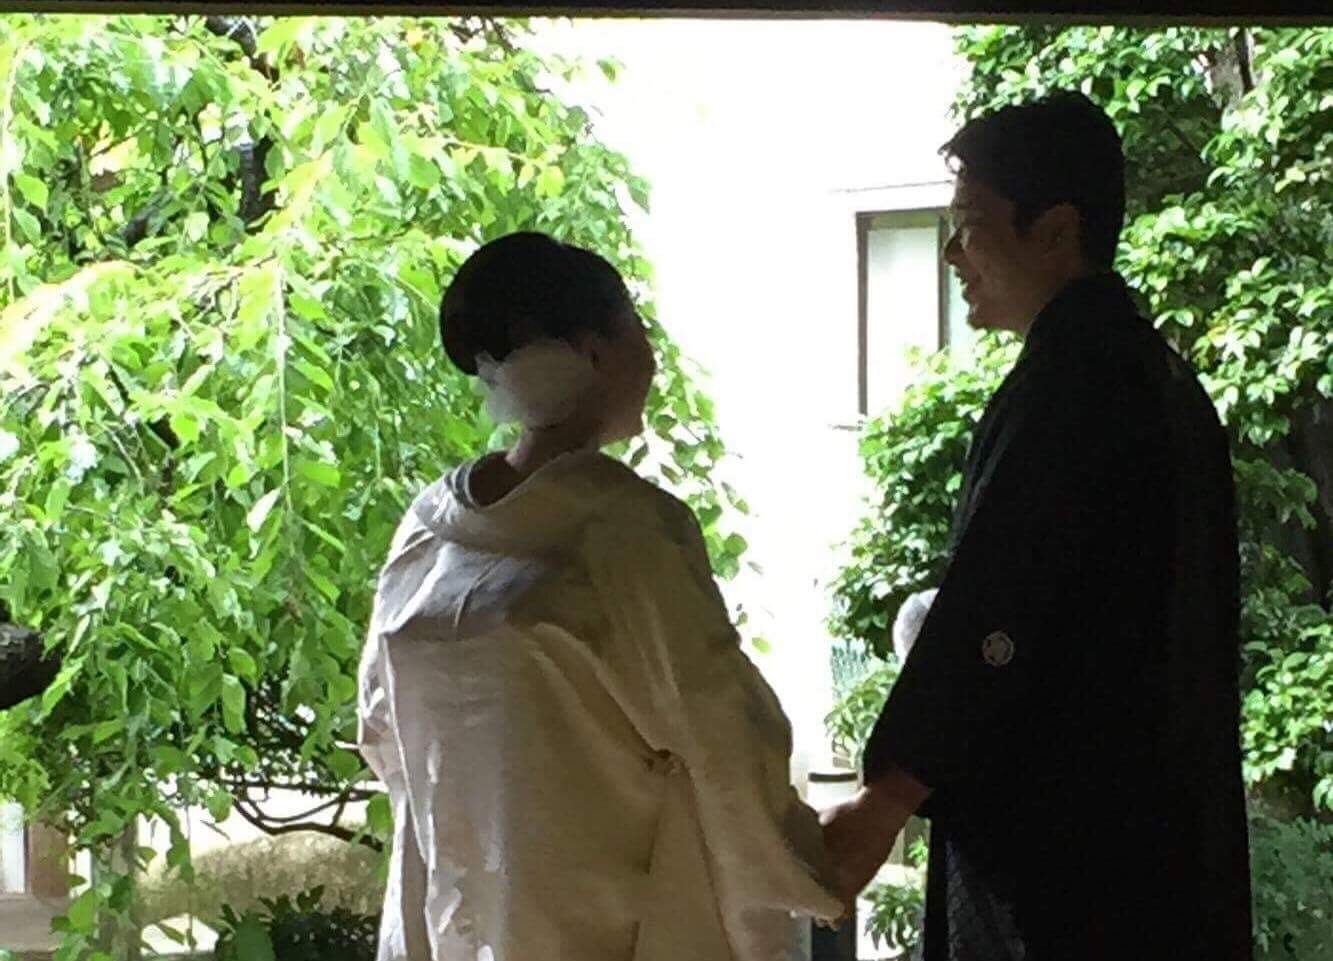 和婚花嫁レンタル衣装佐賀福岡 出張ヘアメイク着付けまで 和婚をコーディネートいたします